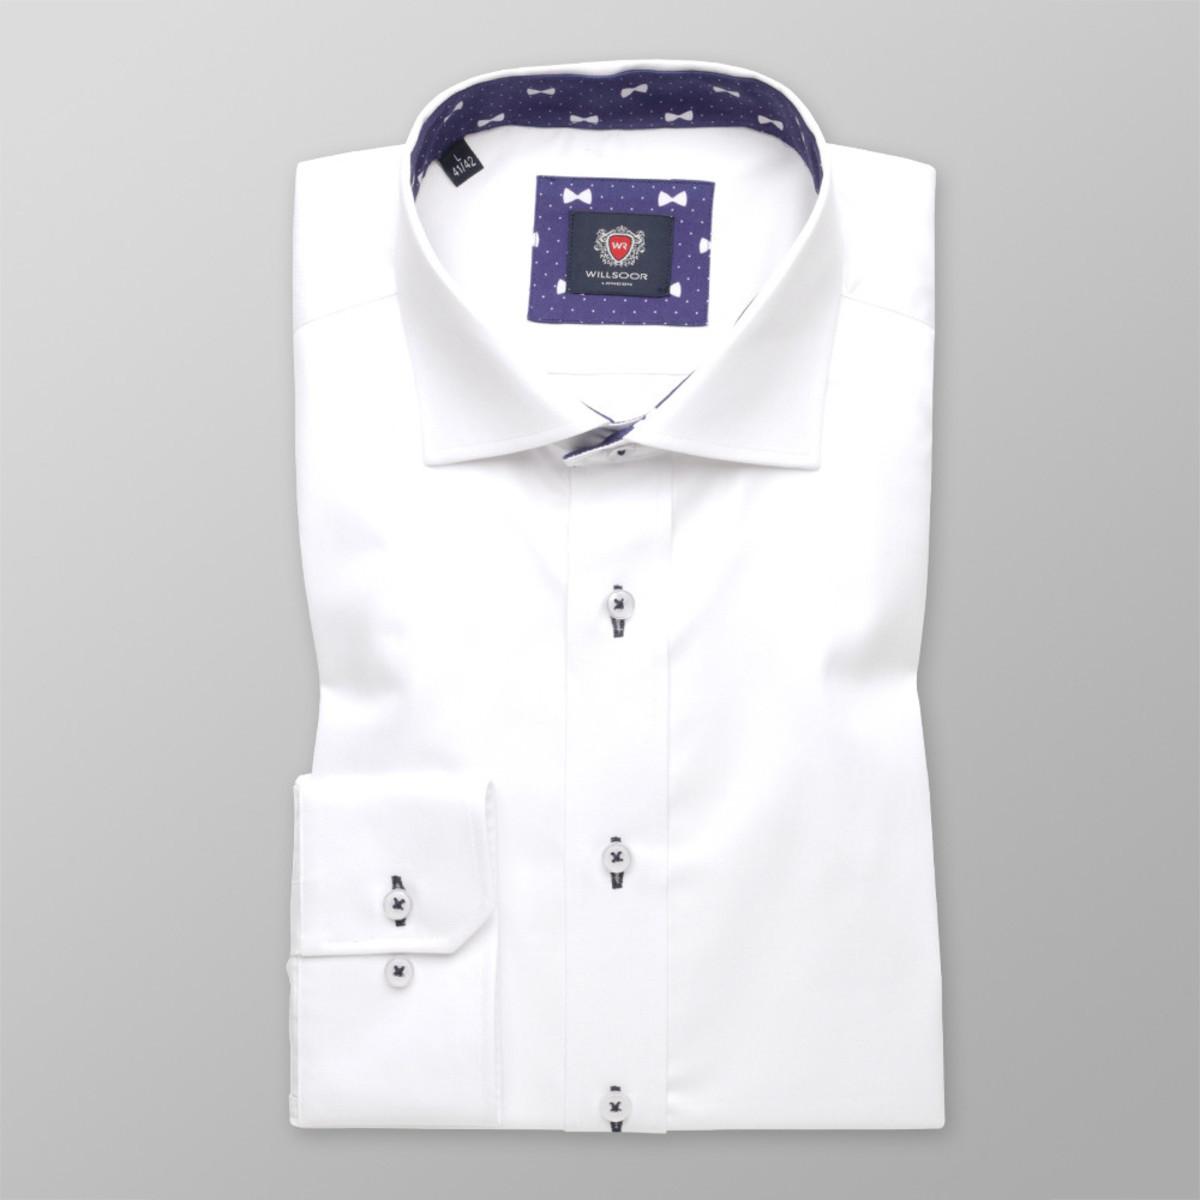 Pánska slim fit košeľa London (veľkosti pre všetky výšky) 8847 164-170 / M (39/40)